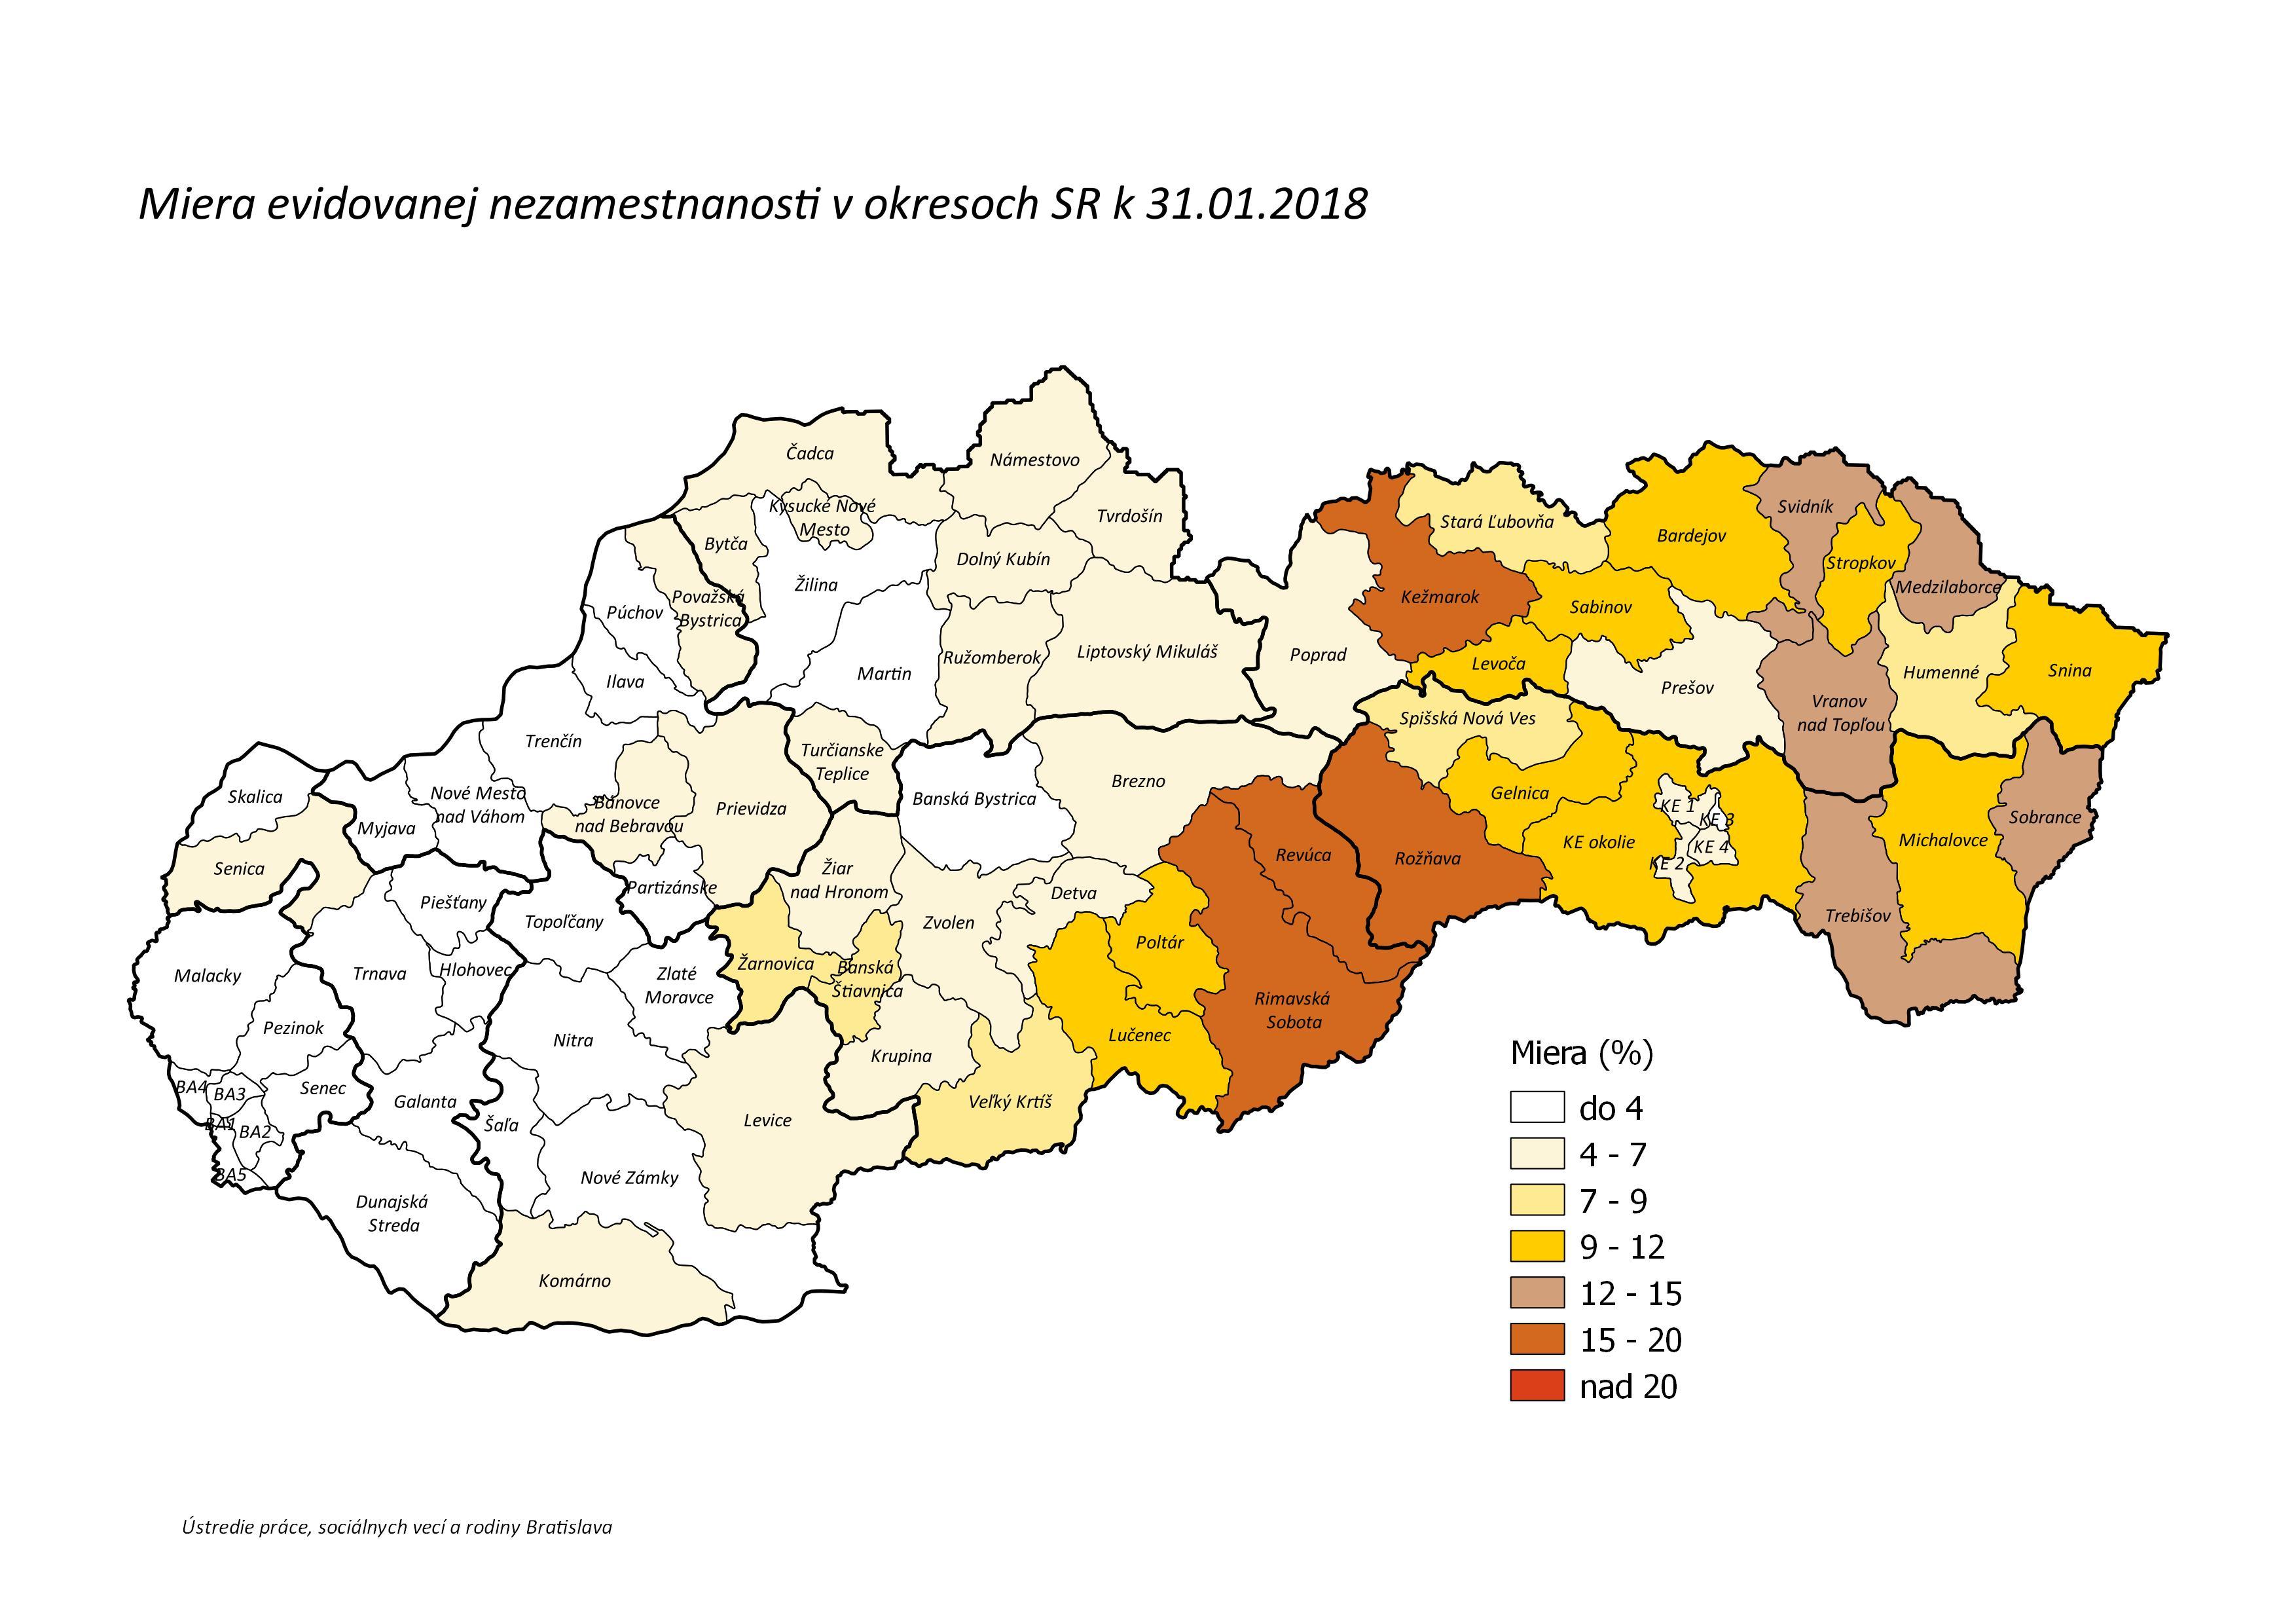 Miera evidovanej nezamestnanosti, nezamestnanosť v okresoch SR - január 2018